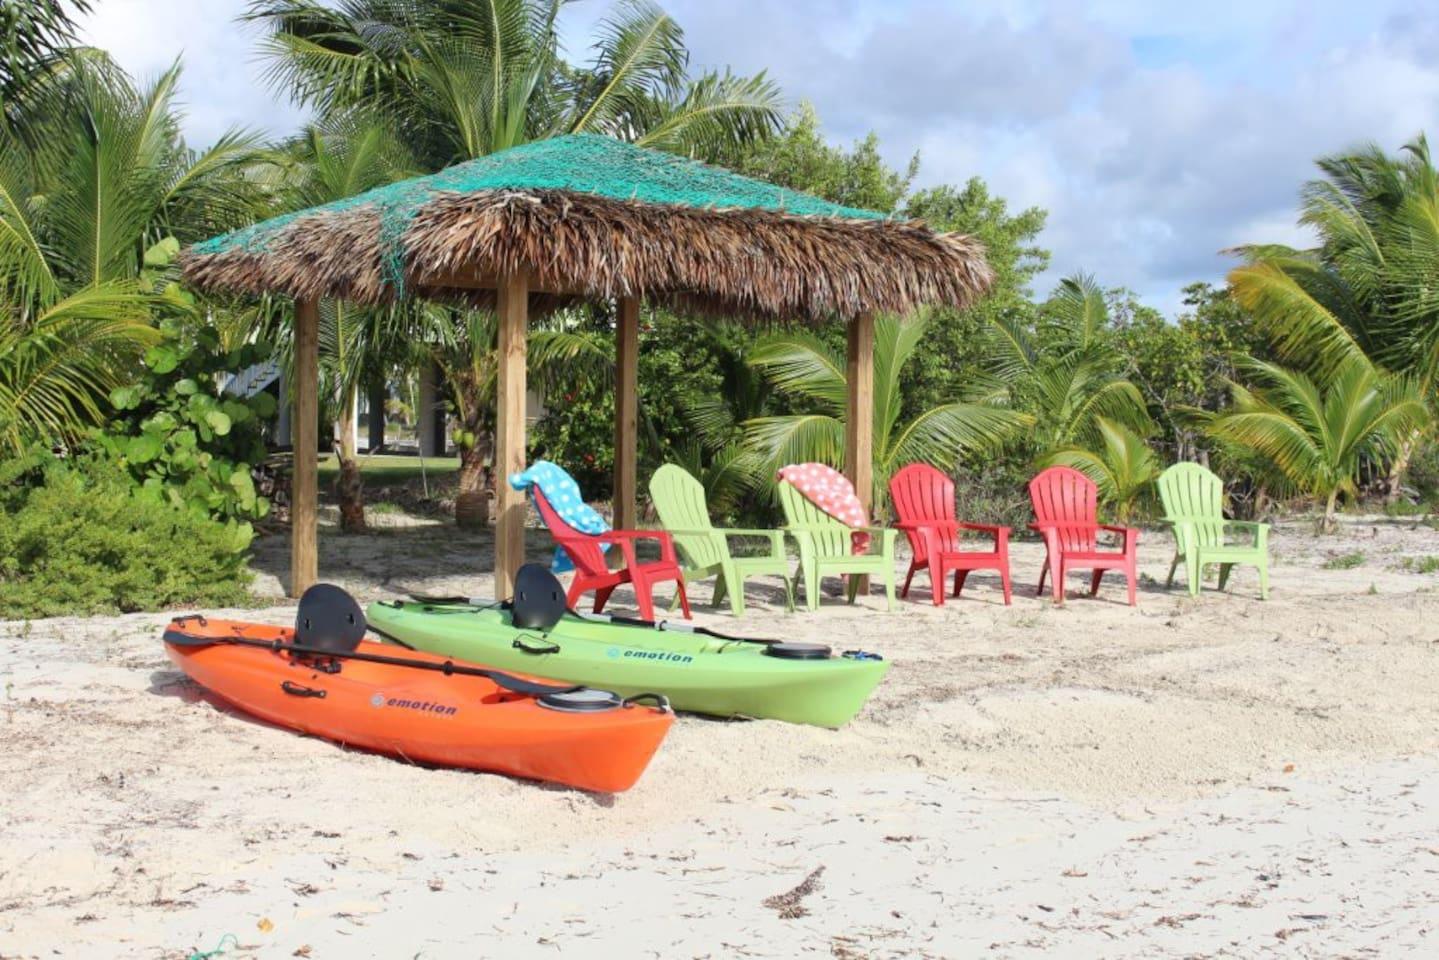 Your beach cabana awaits you!